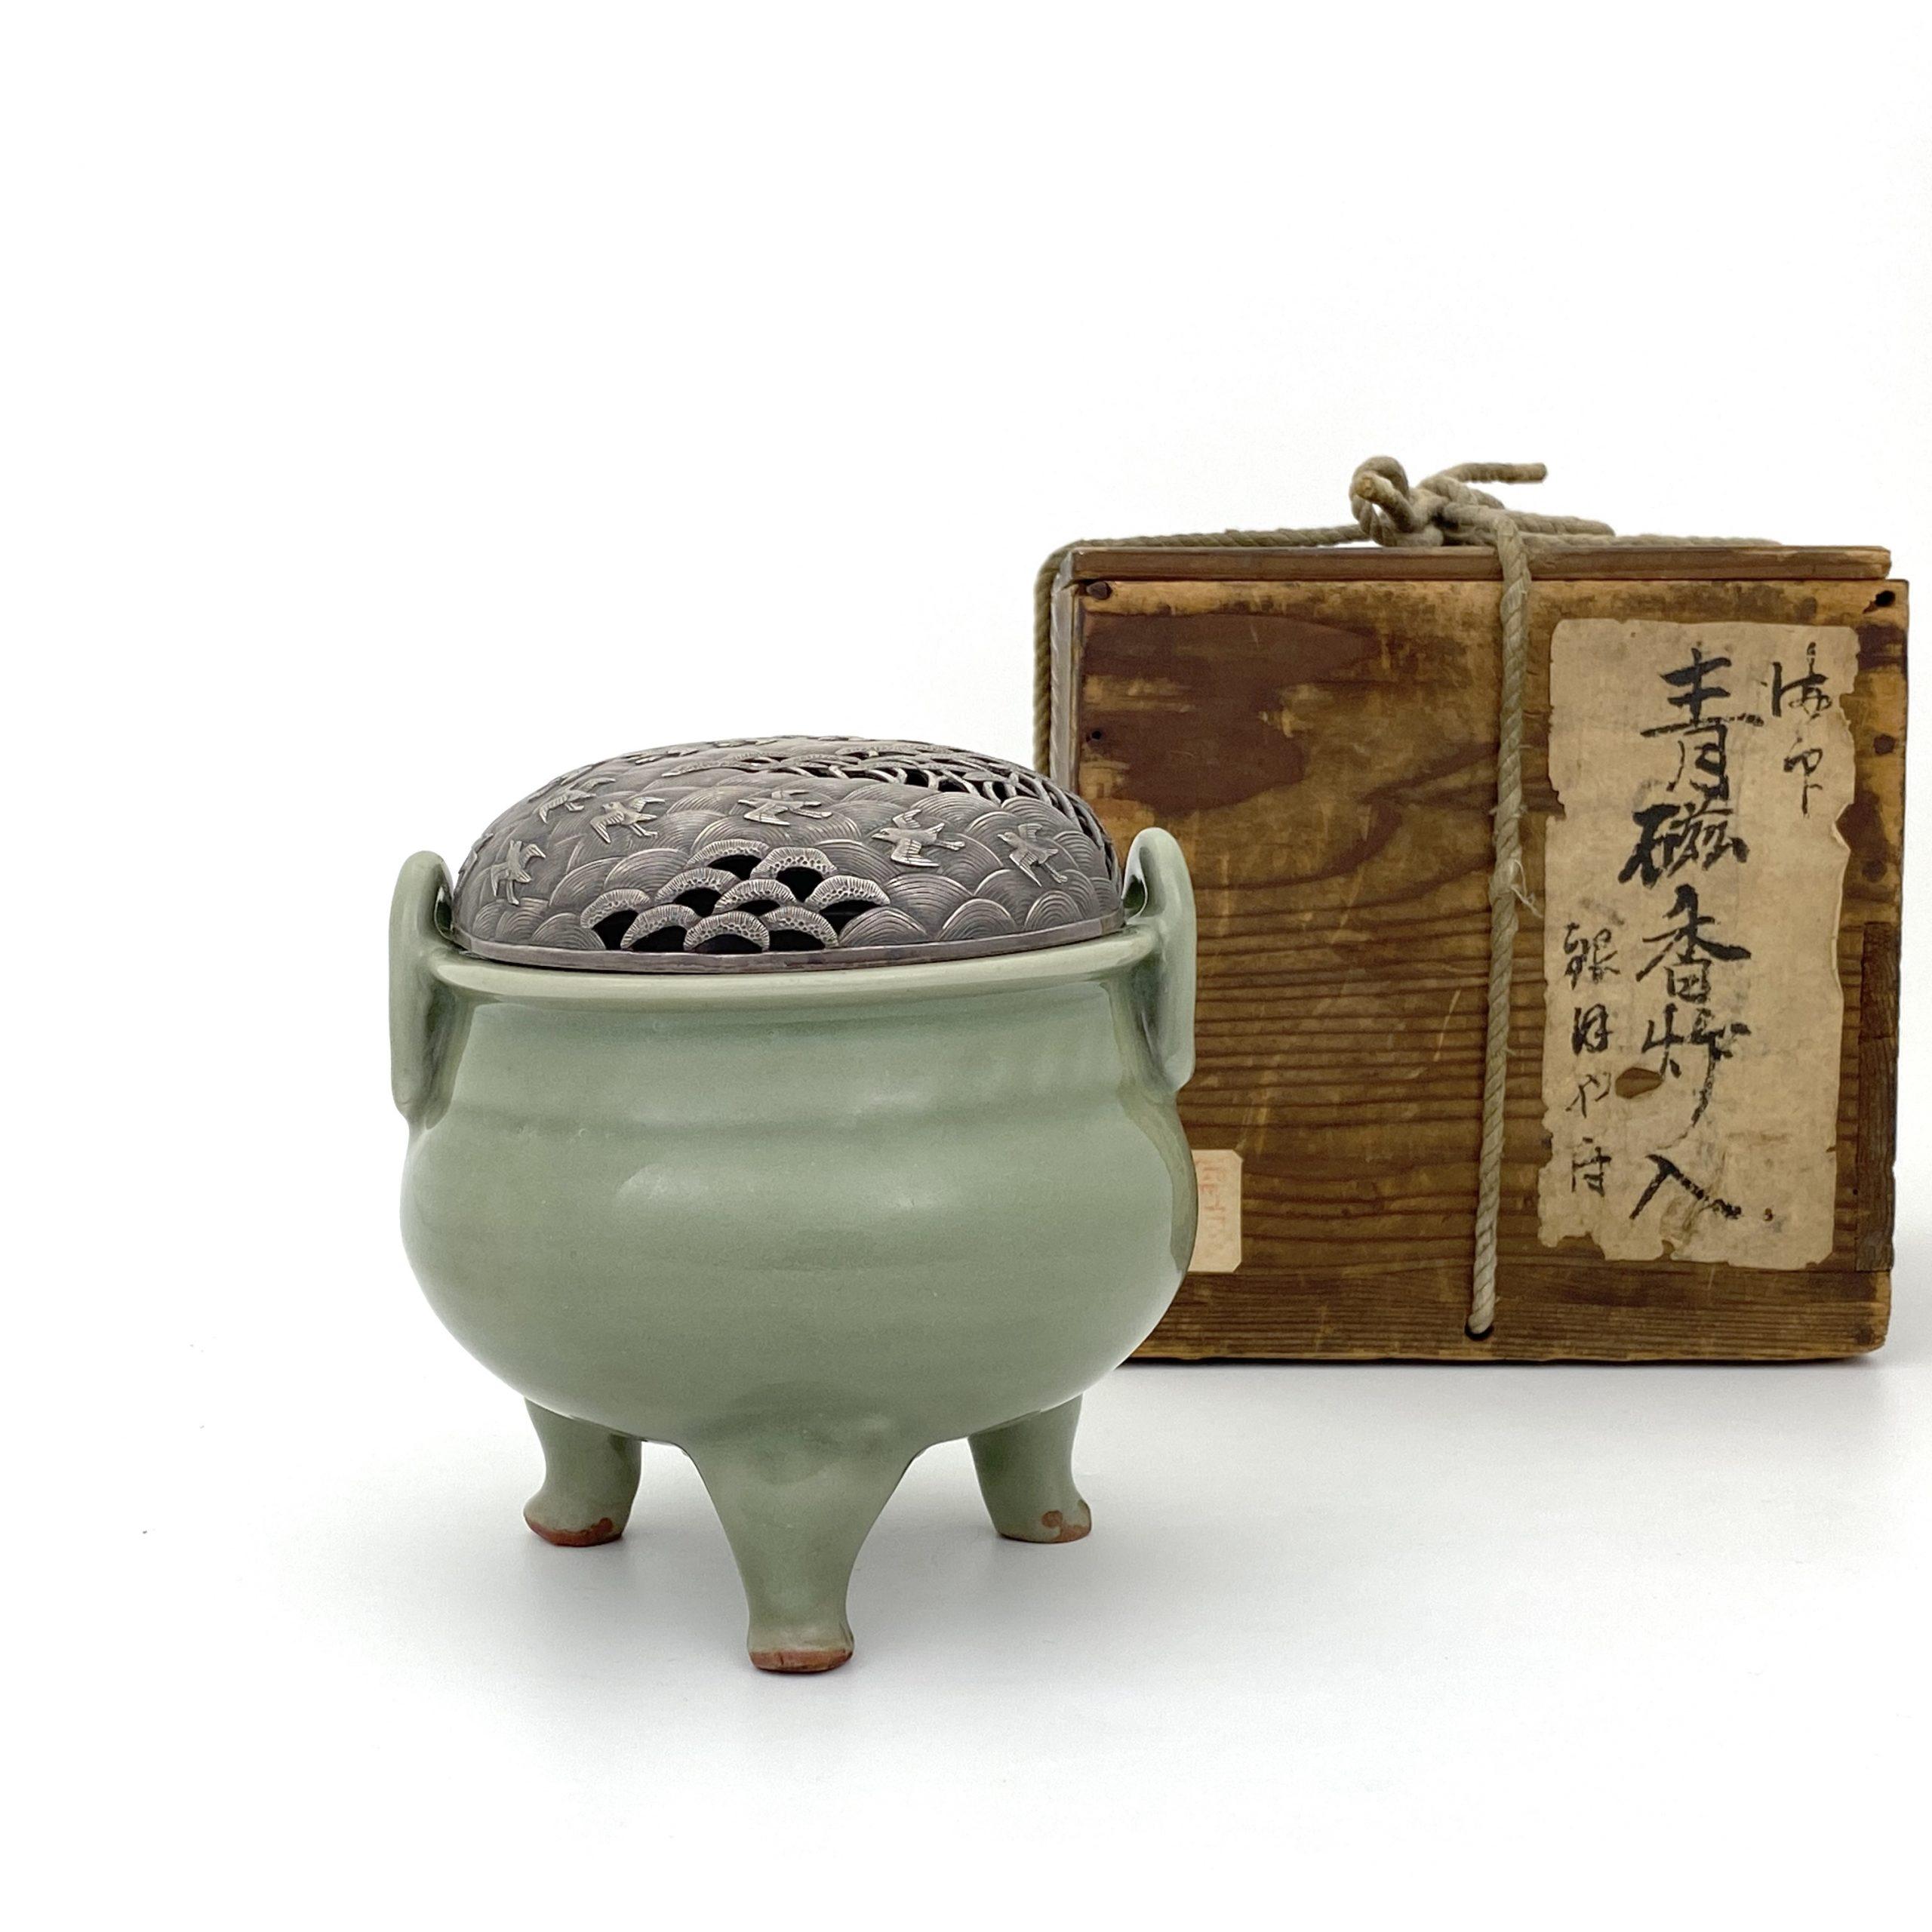 21096明初 龍泉窯 鼎式 爐